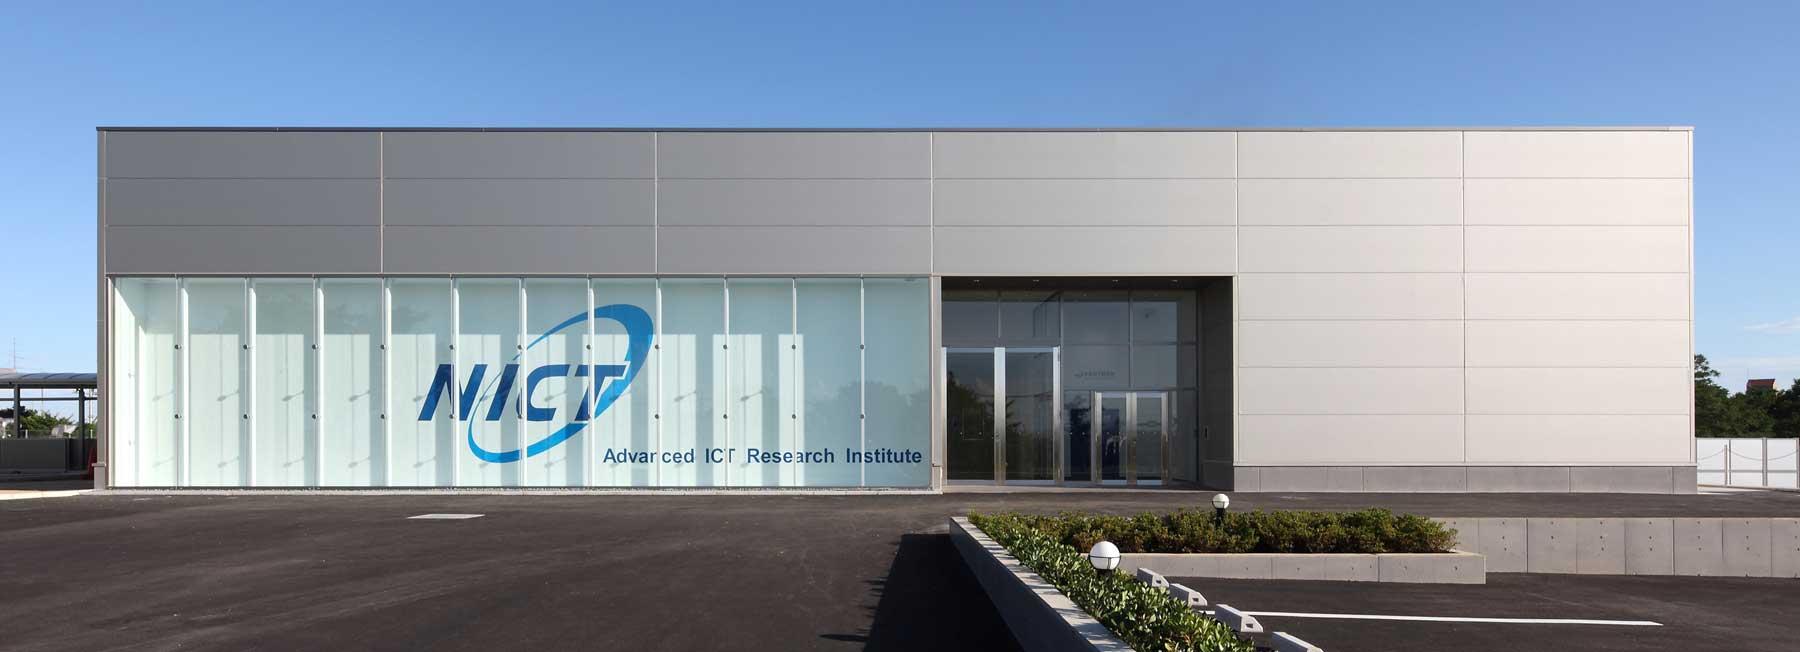 国立研究開発法人 情報通信研究機構 未来ICT研究所 クリーンルーム棟の施工事例